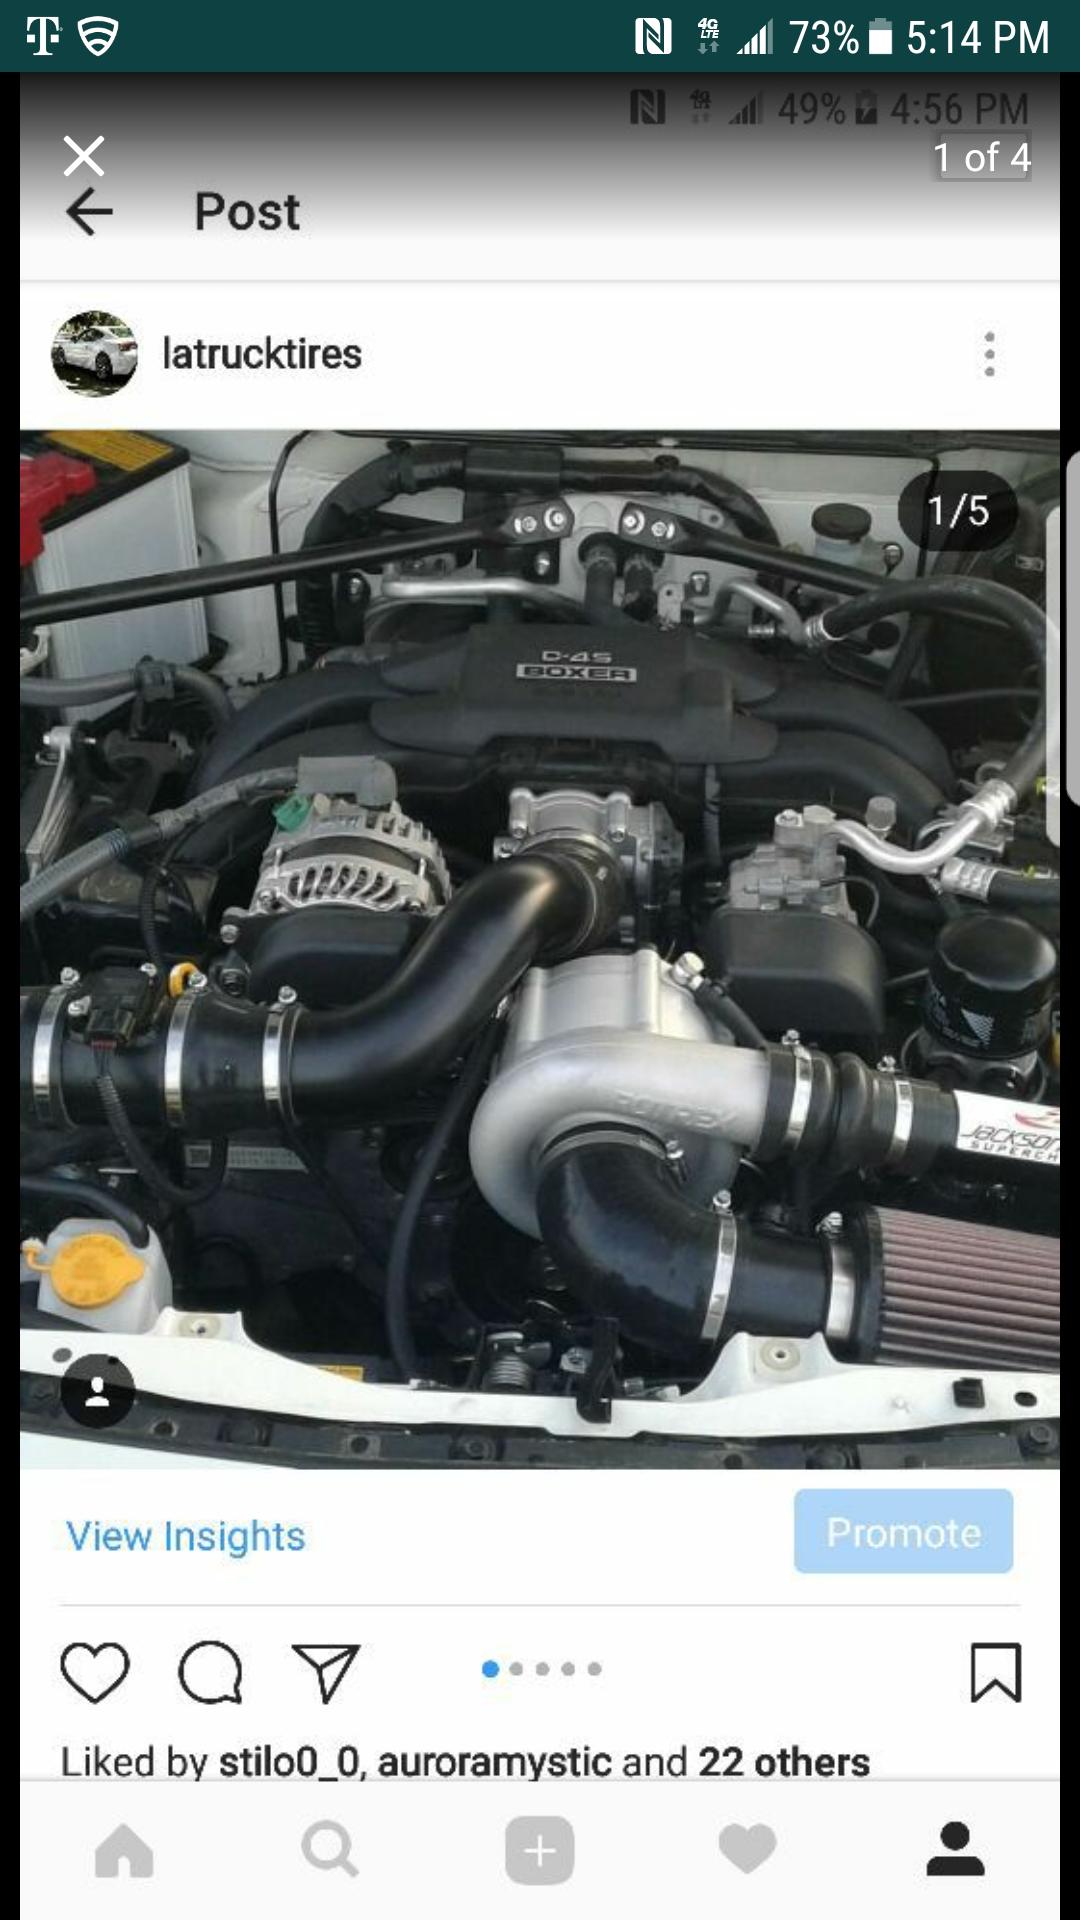 throtl - FRS Jackson Racing c38 Supercharger